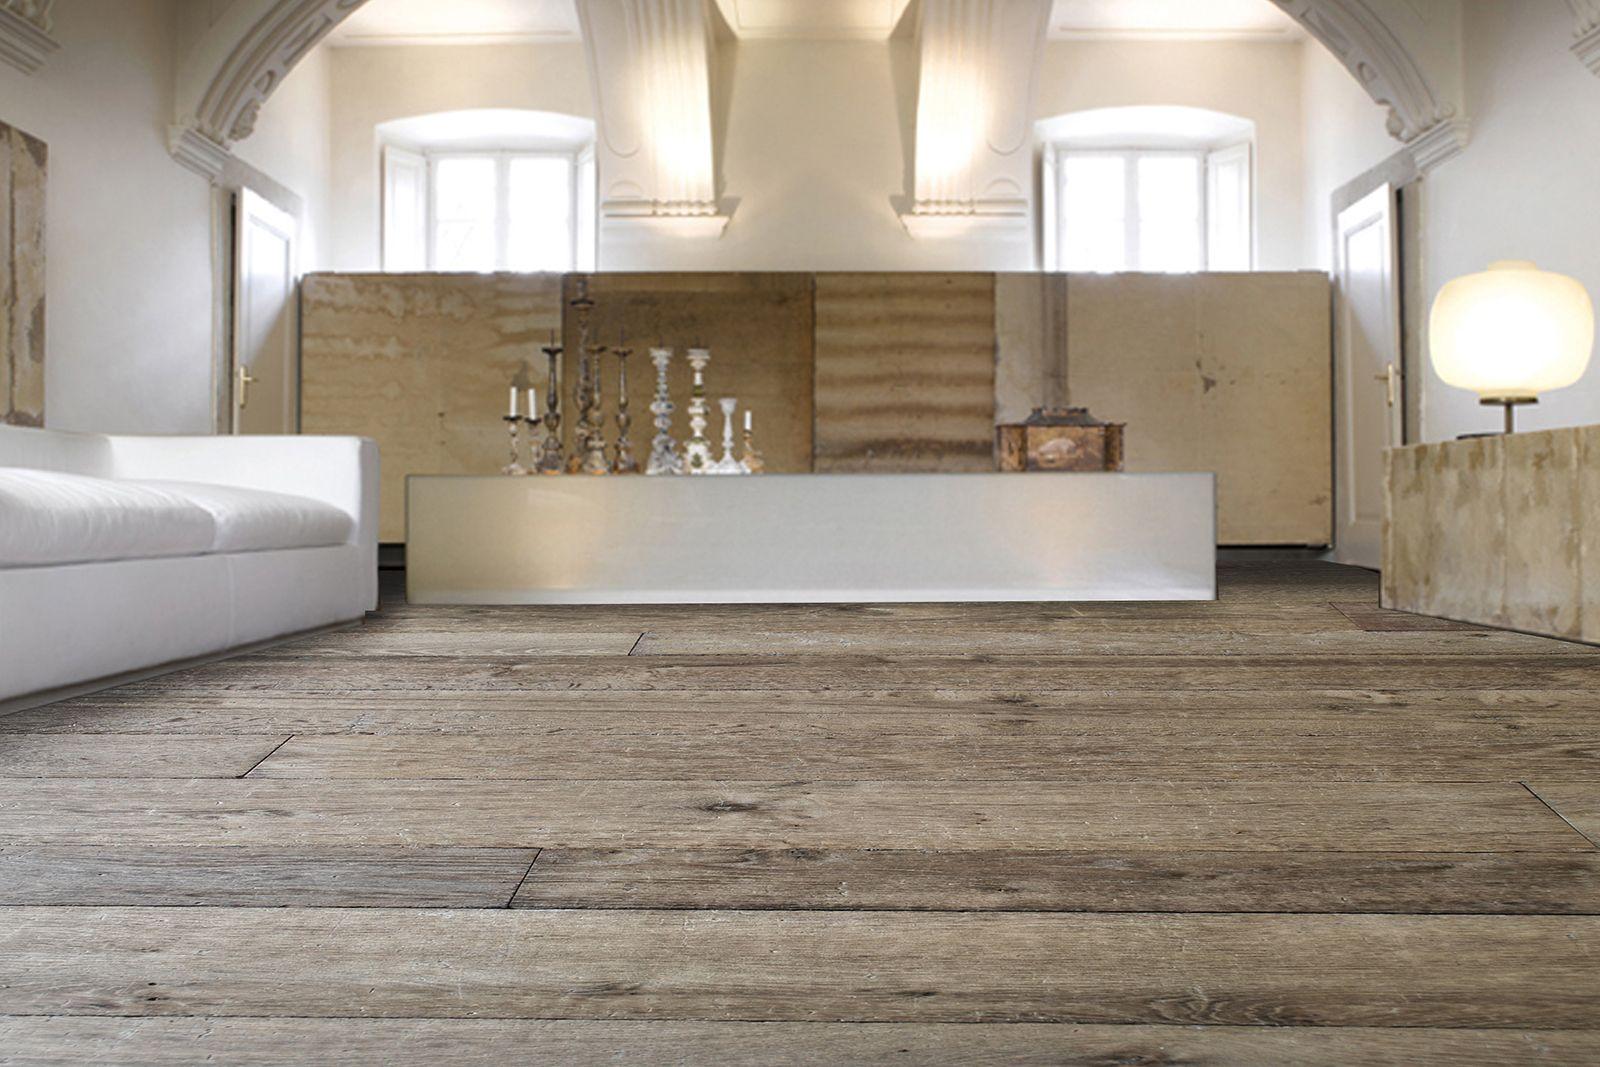 Antike #Holz Bodenplatten U2013 Holzböden  Holz Bodenplatten Ideen |  De Opkamer.de